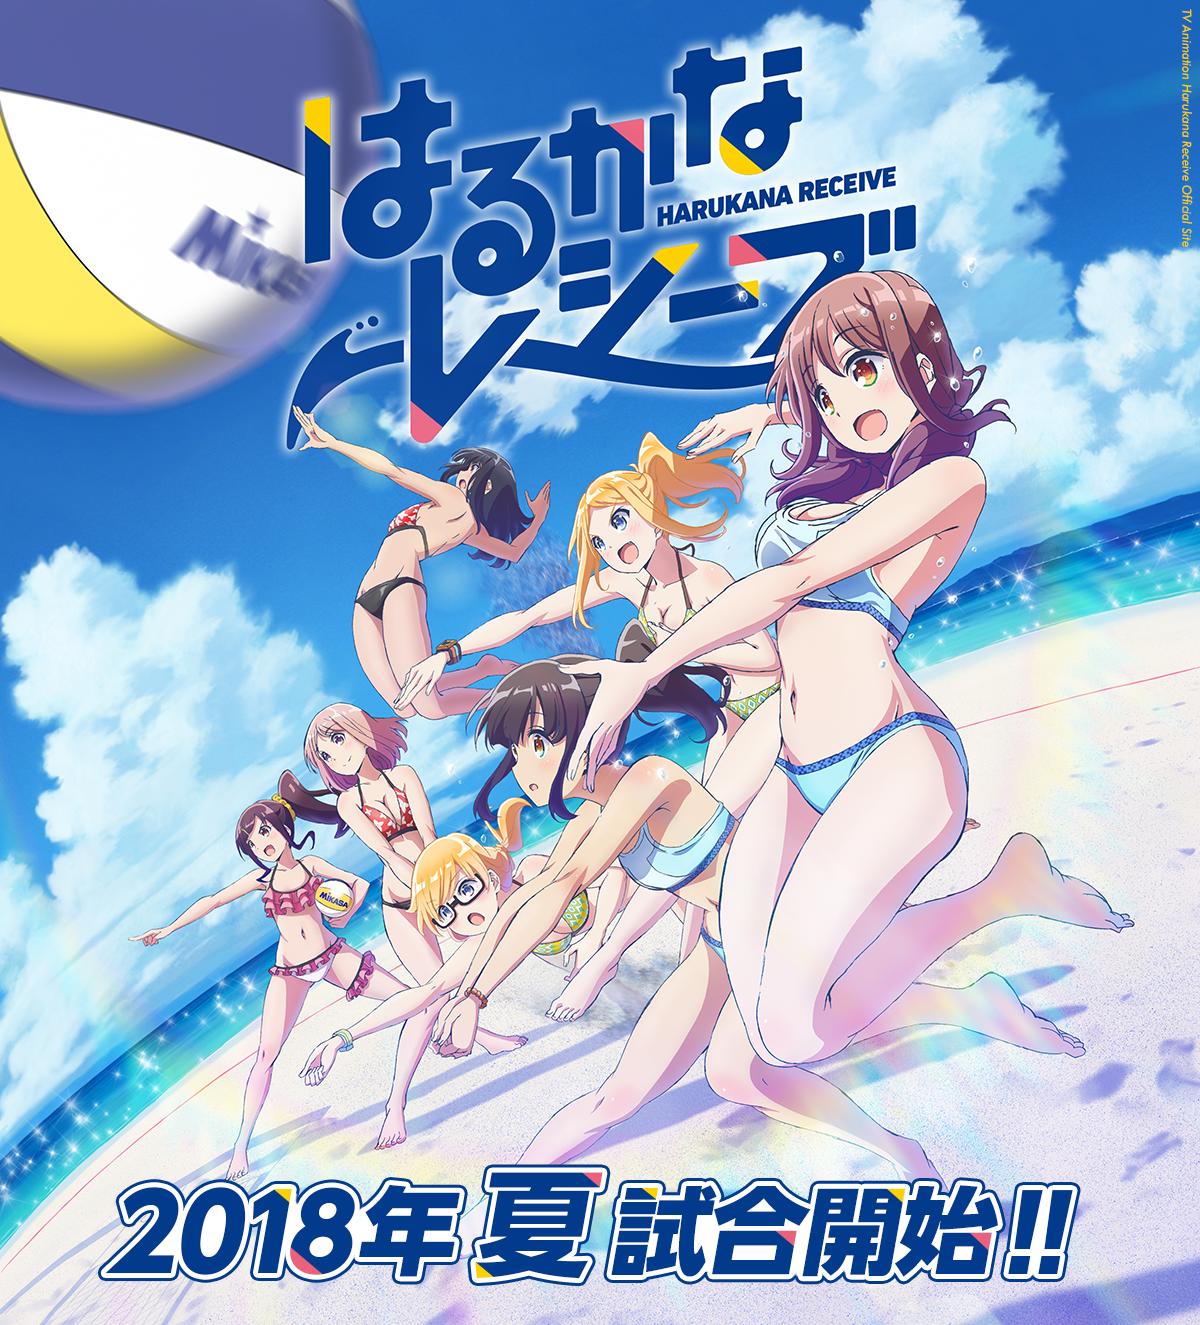 2018夏アニメ!何を観ますか?